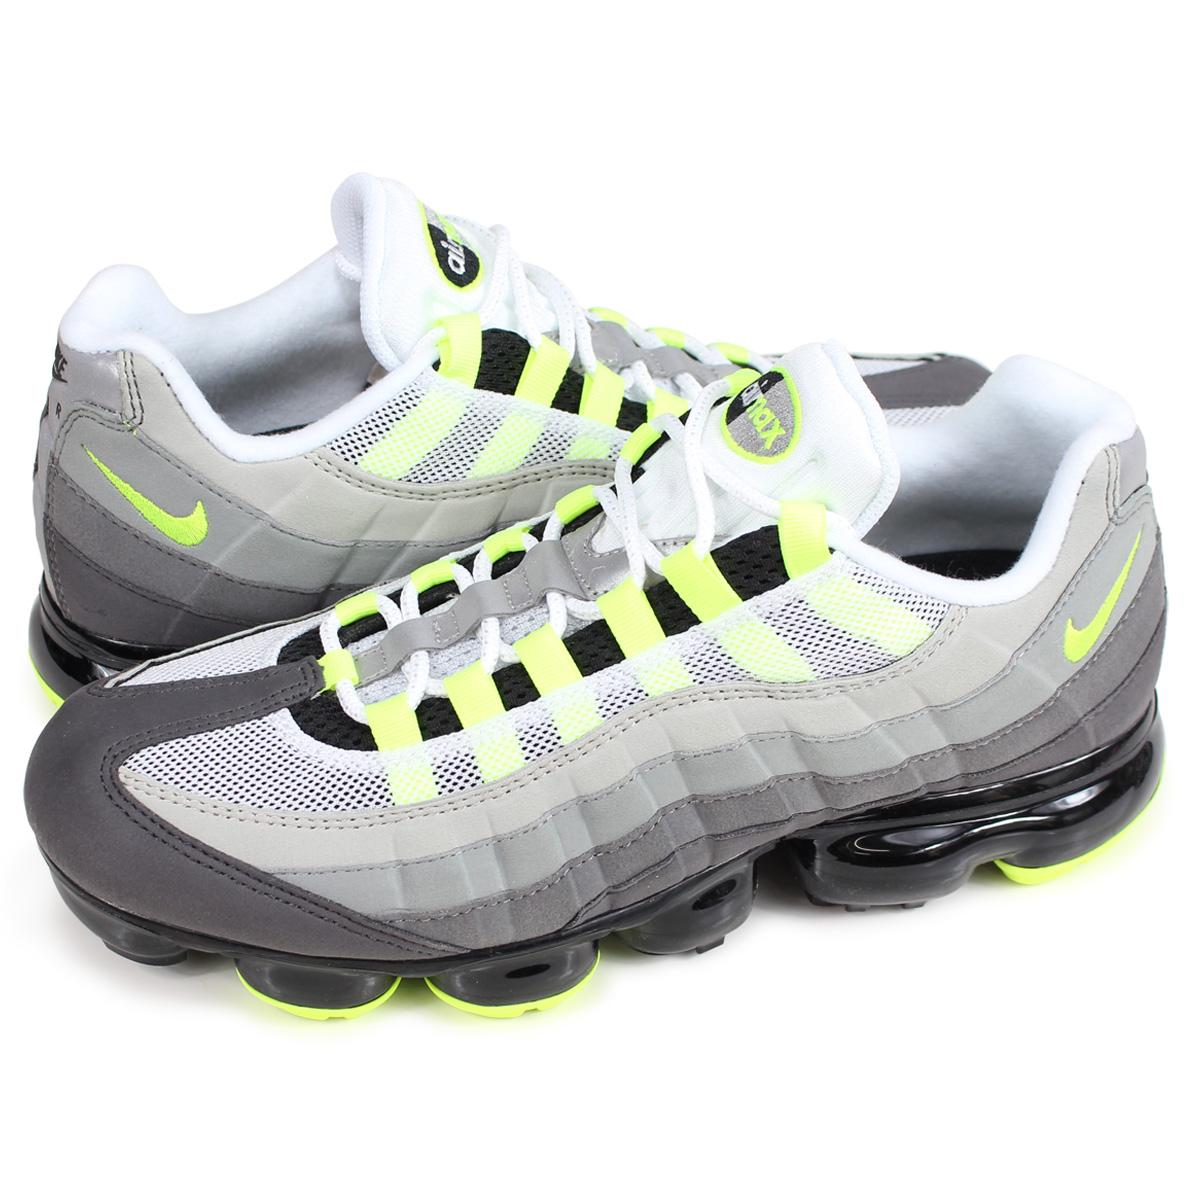 5fc71494baf ... real nike air vapormax 95 neon nike air vapor max 95 sneakers men  aj7292 001 neon